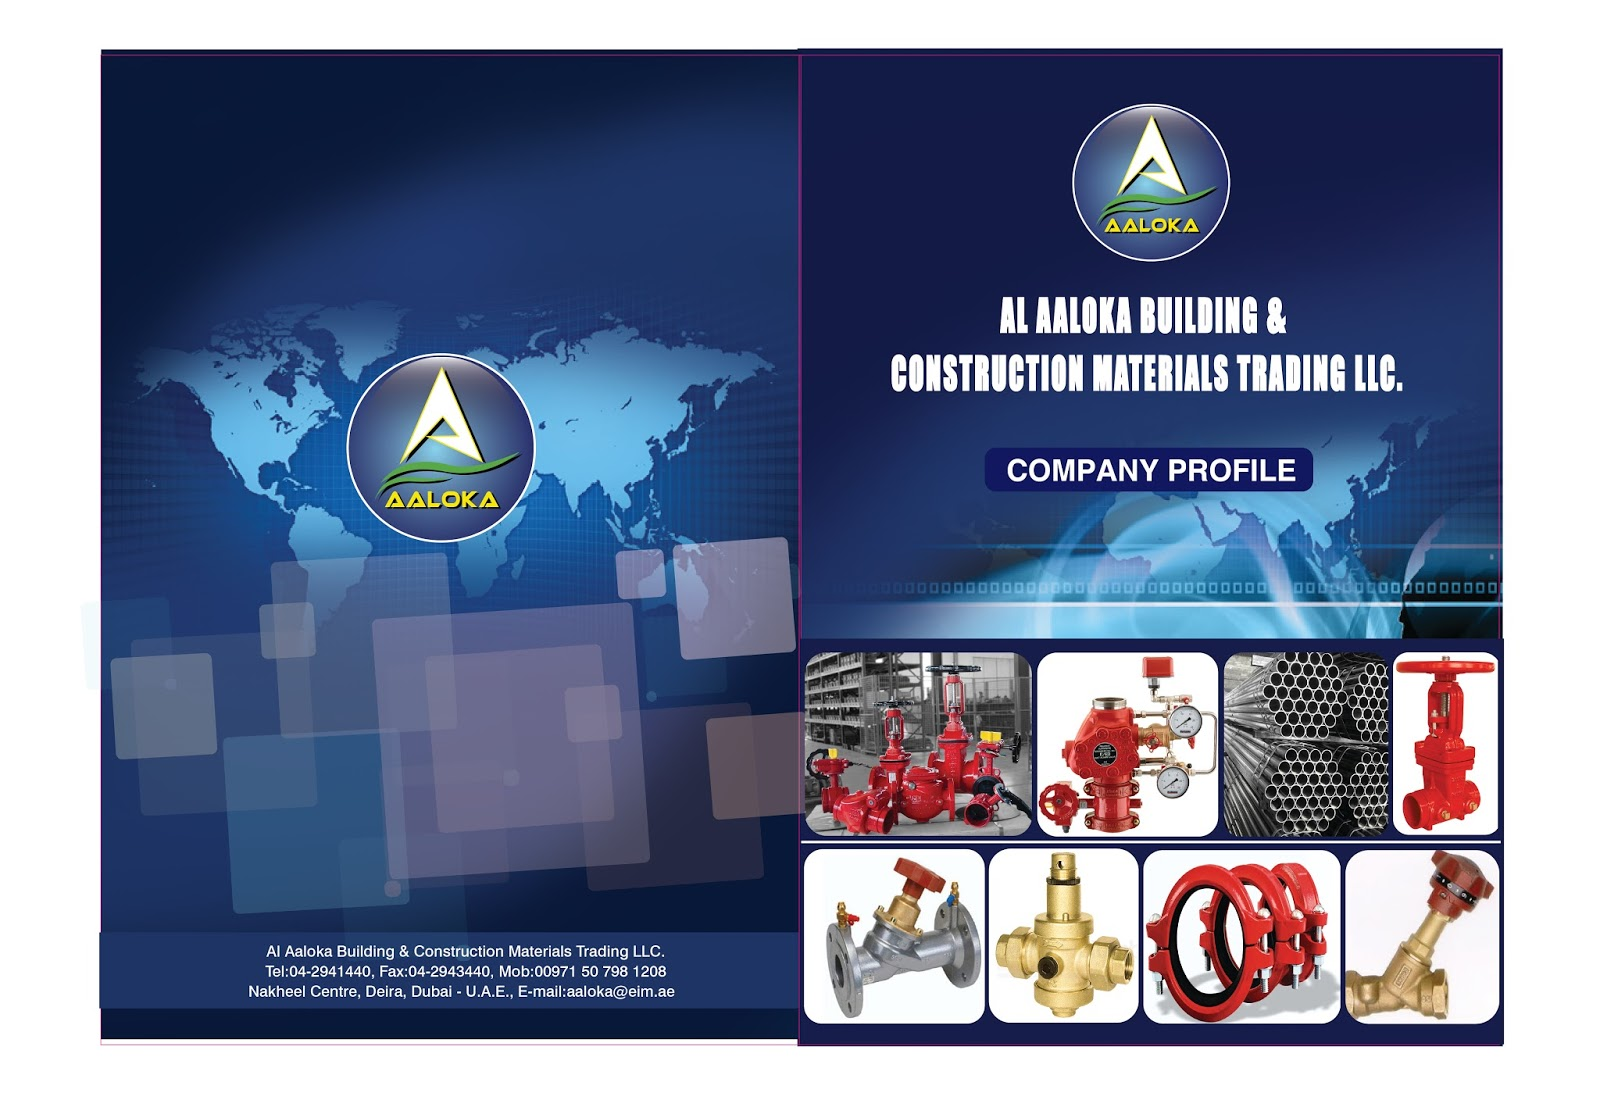 Aaloka al aaloka building & construction materials trading llc